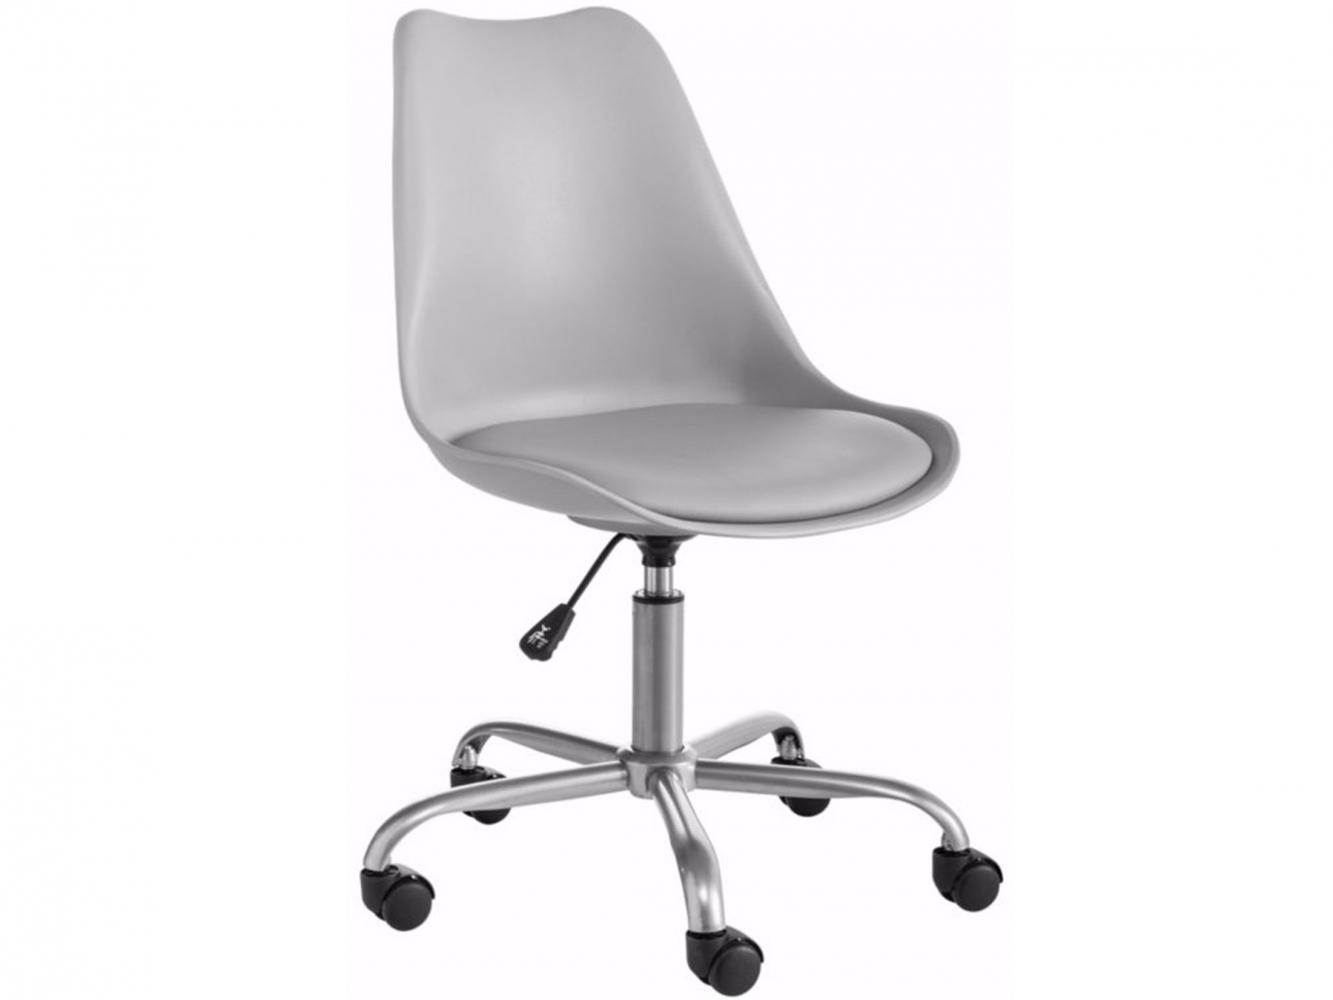 Kancelářská židle Denny, šedá